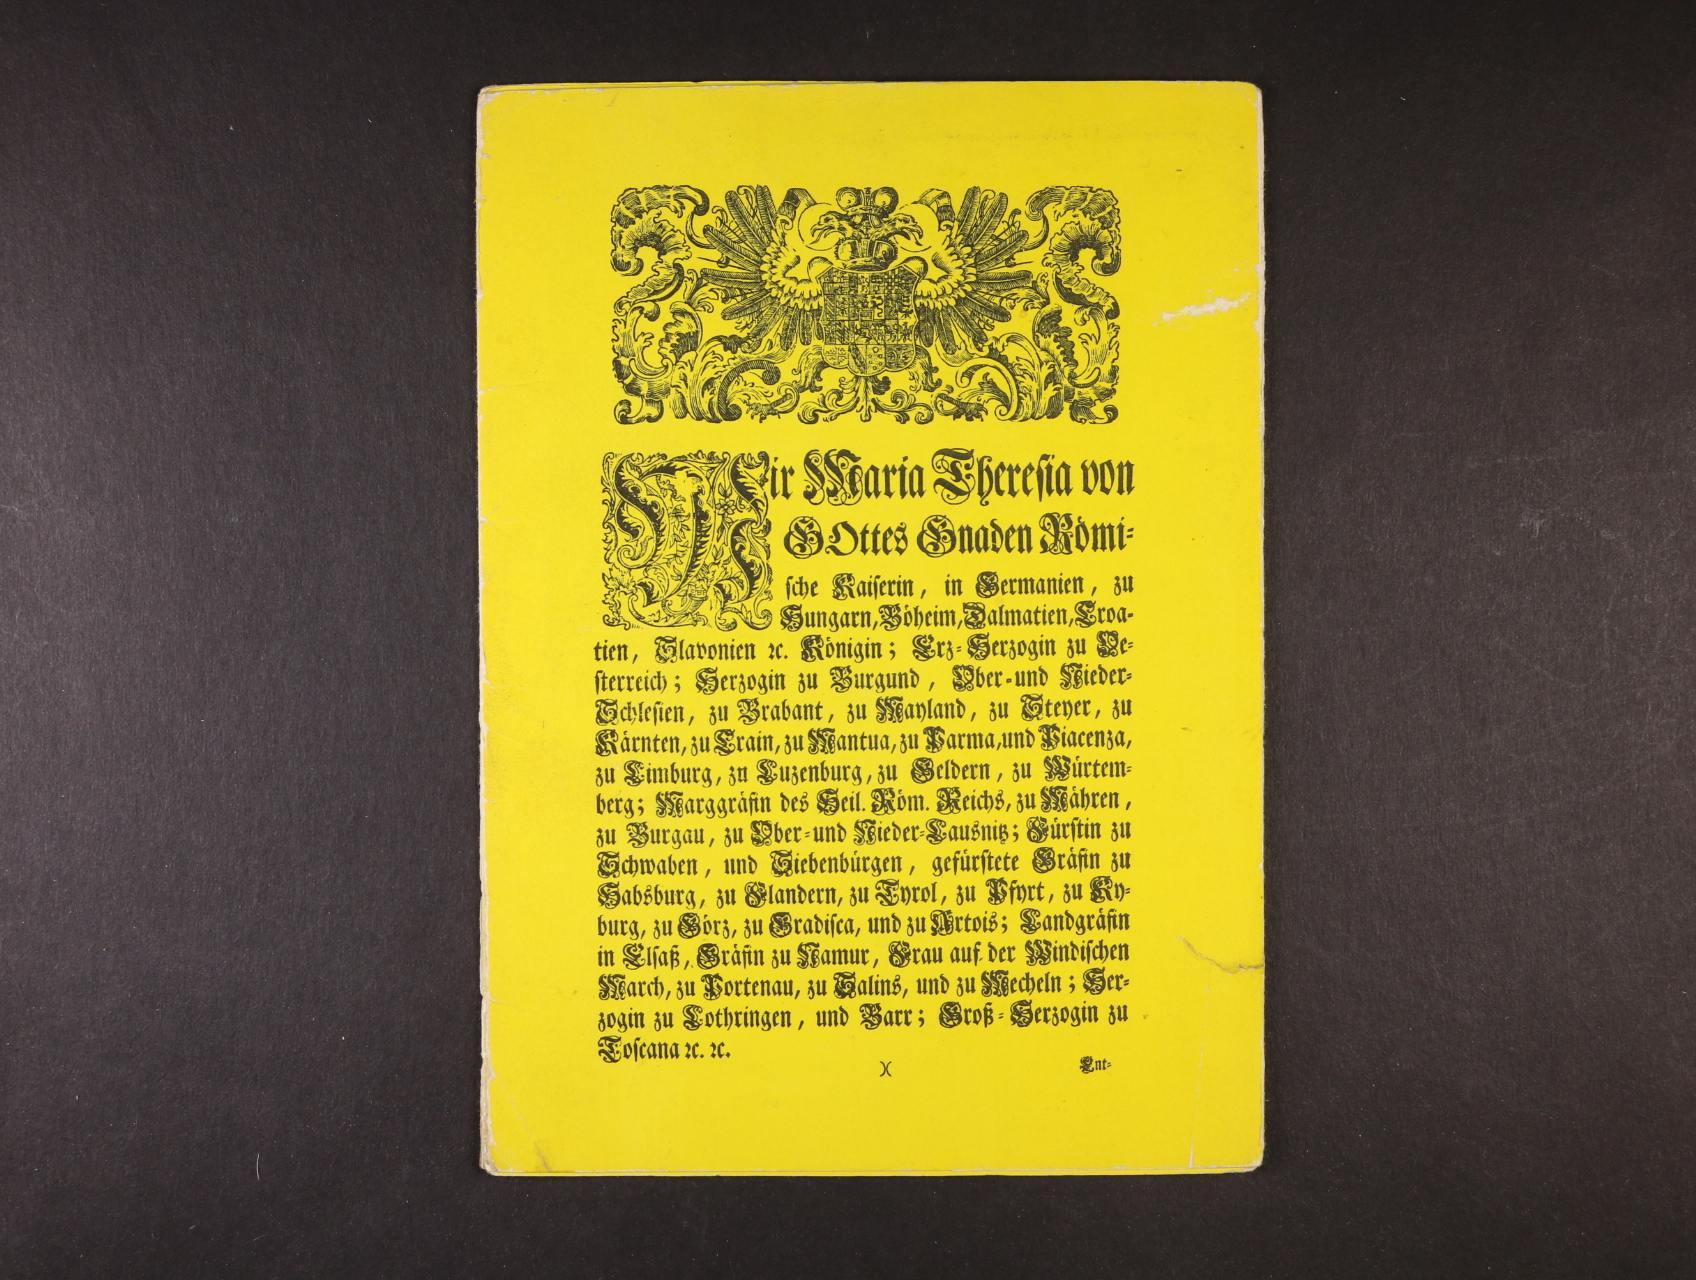 5ks kopií R.U.. formulářů 5, 10, 25, 50, 100 Gulden 1762 v přebalu, vydáno k 10. výročí pobočky ČNS pobočky papírová platidla v r. 1976